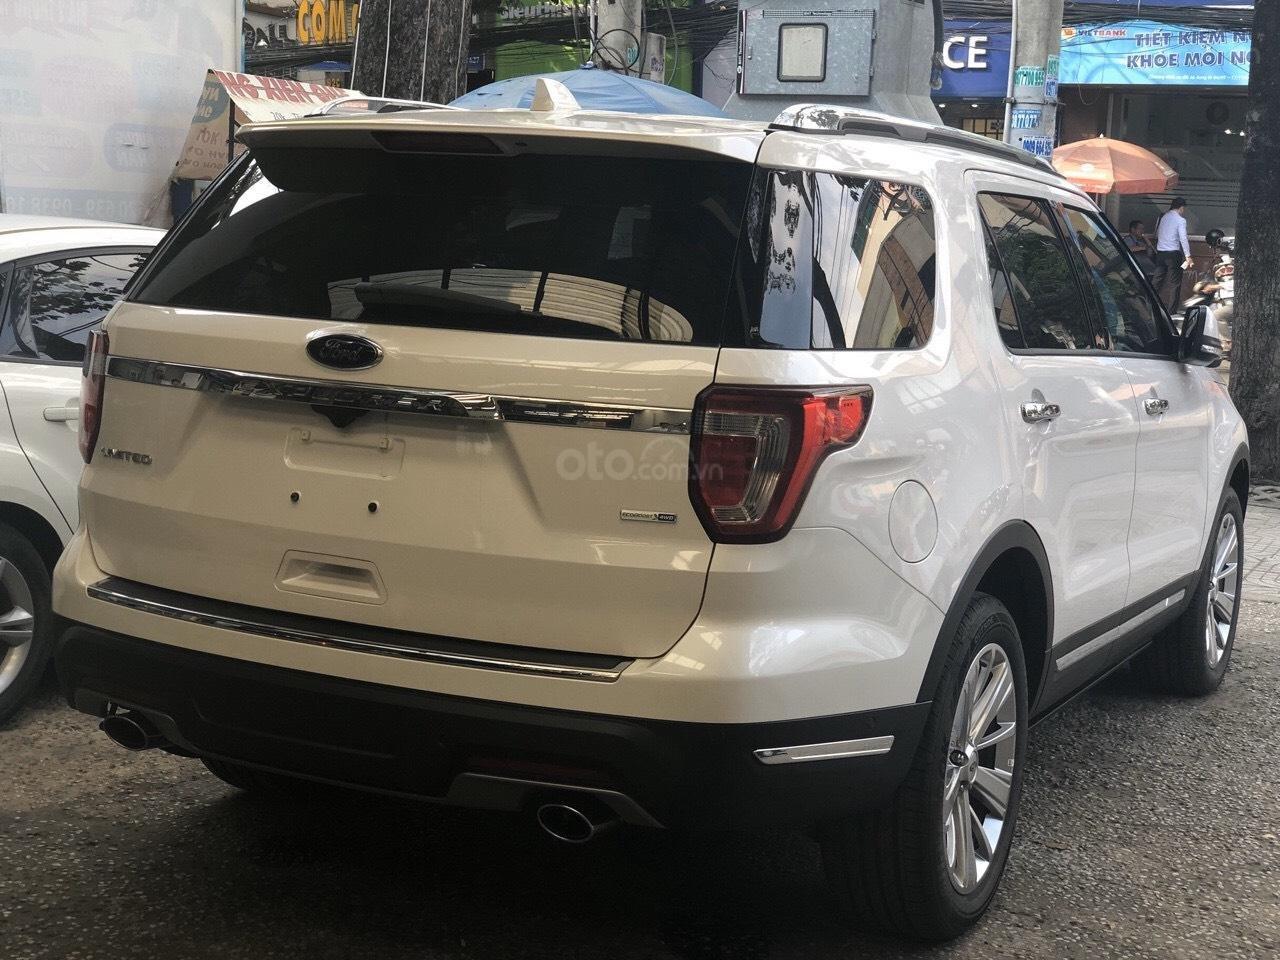 Ford Explorer 2019 nhập khẩu giá sốc ngập tràn ưu đãi, LH: 0908812444 Ms Ngọc Anh (5)